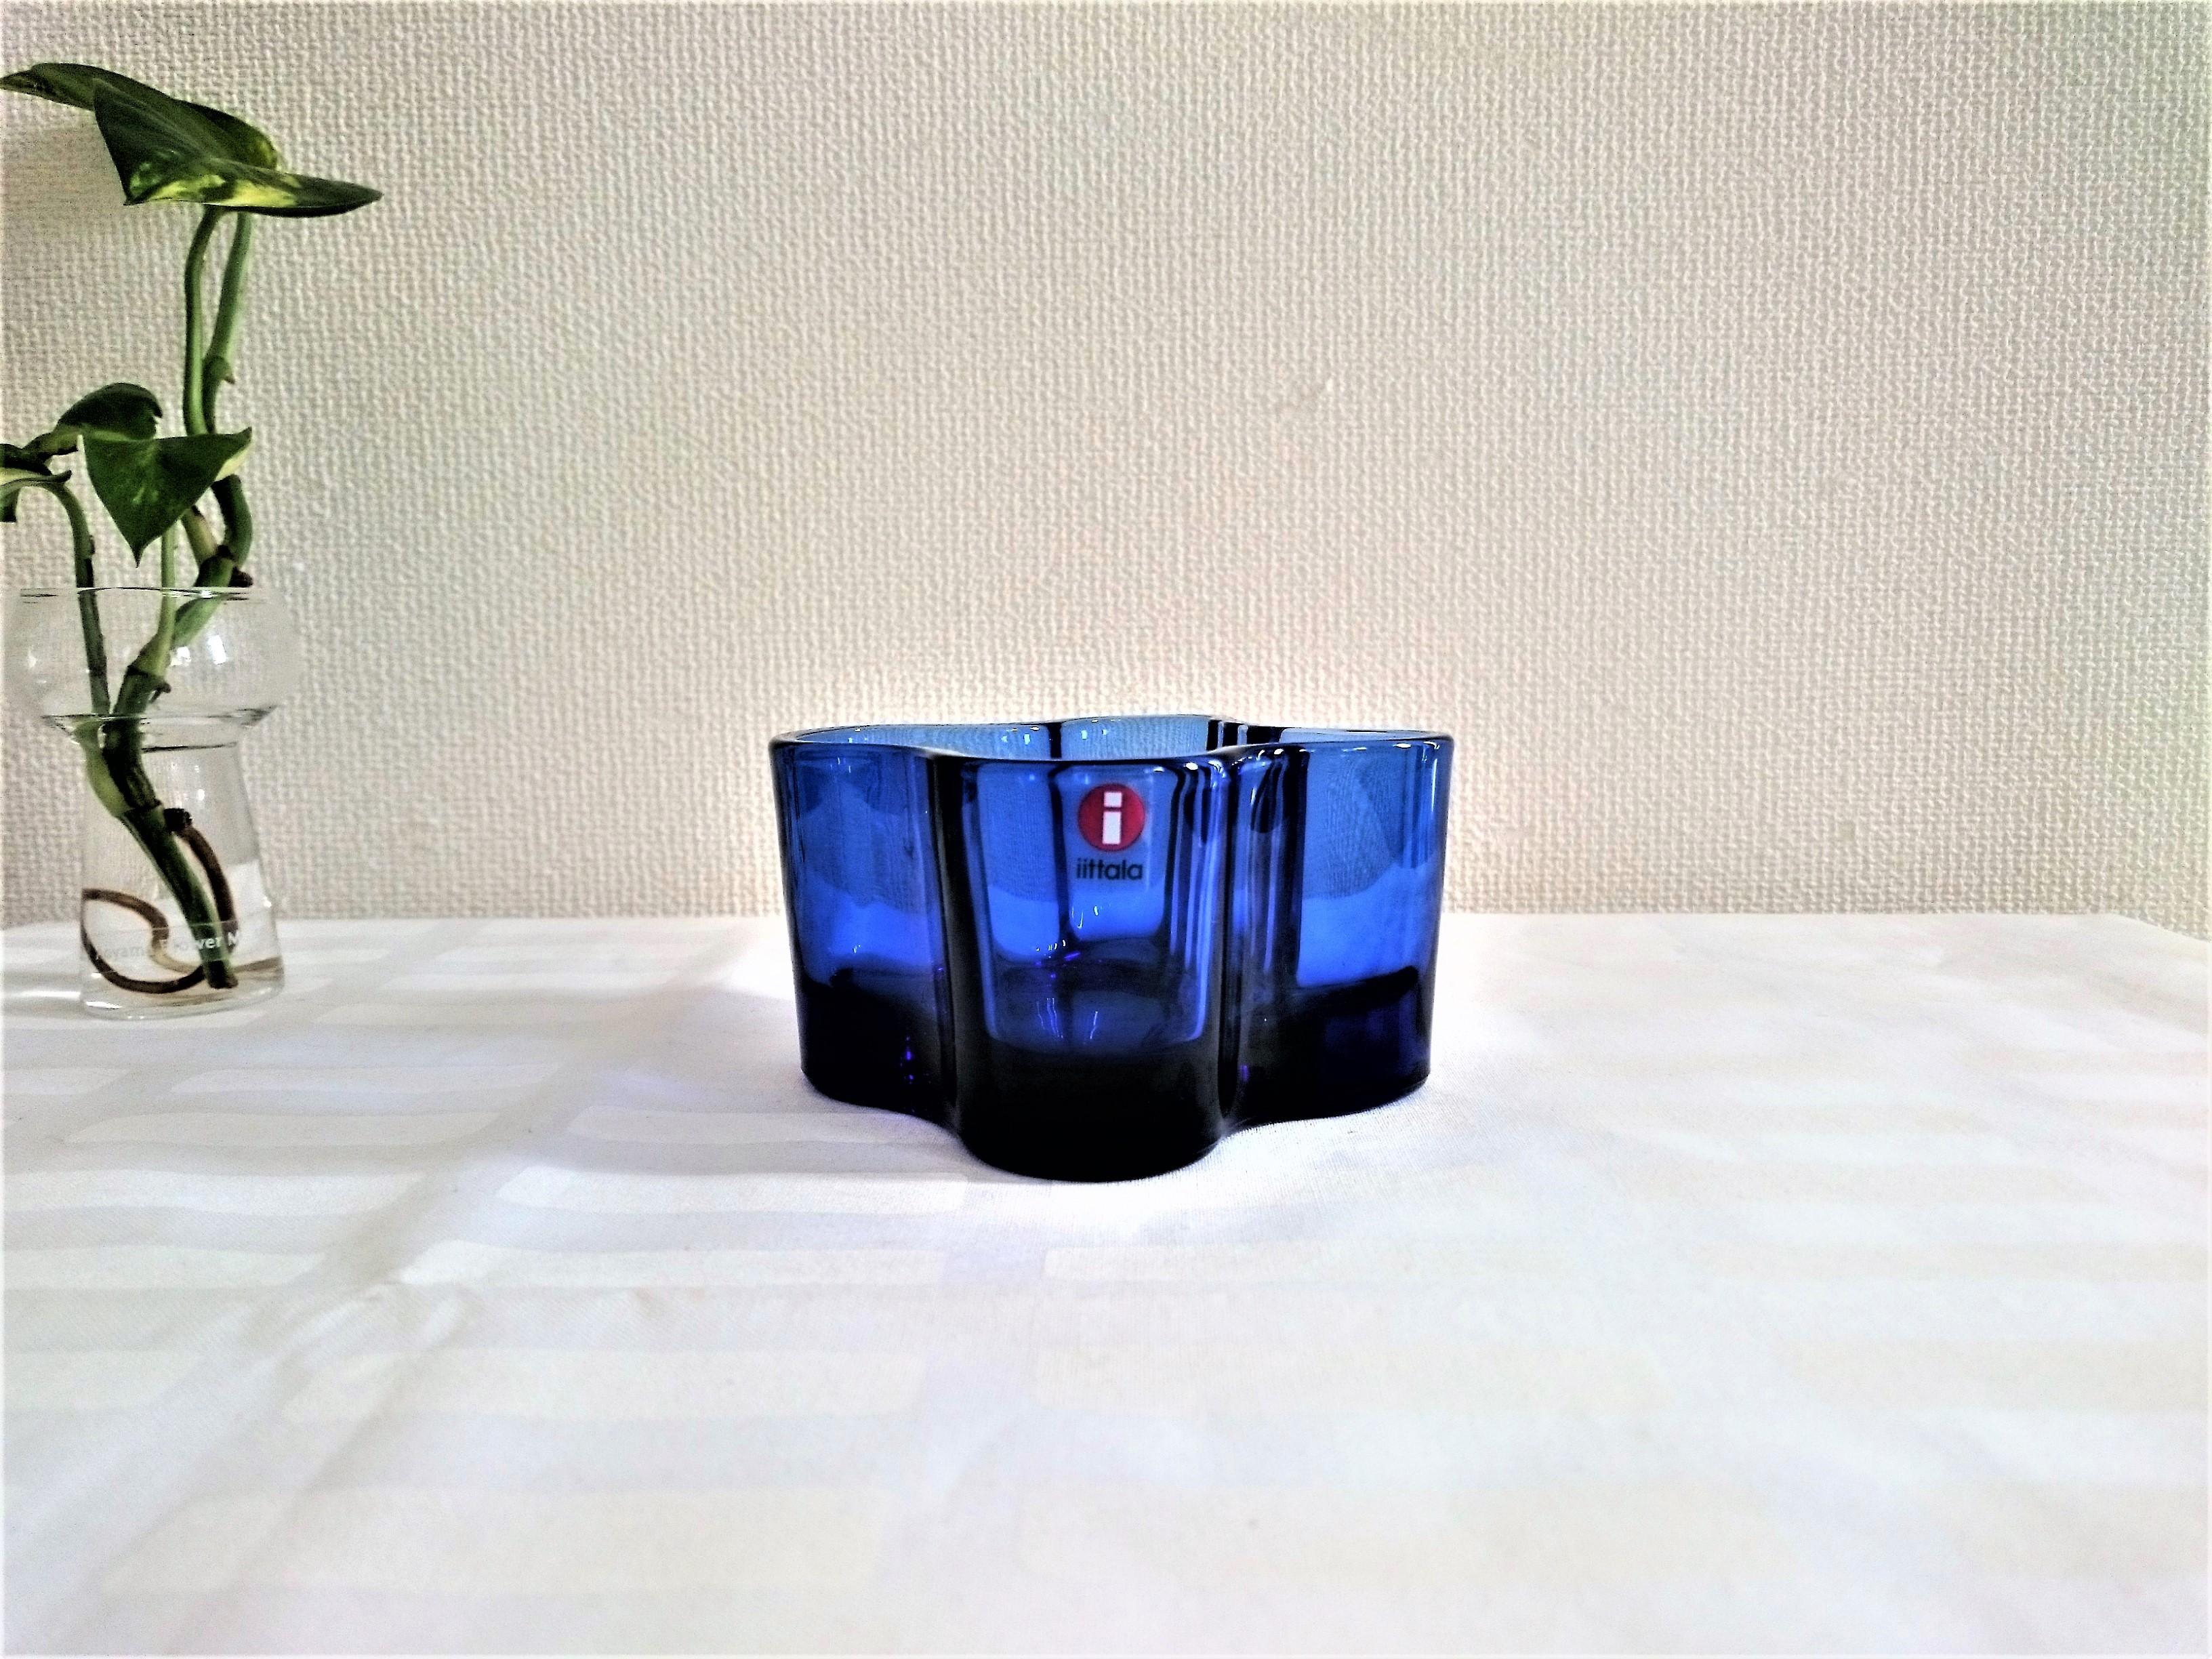 [廃盤]キャンドルホルダー / イッタラ / Alvar Aalto Collection 55mm(ウルトラマリンブルー)